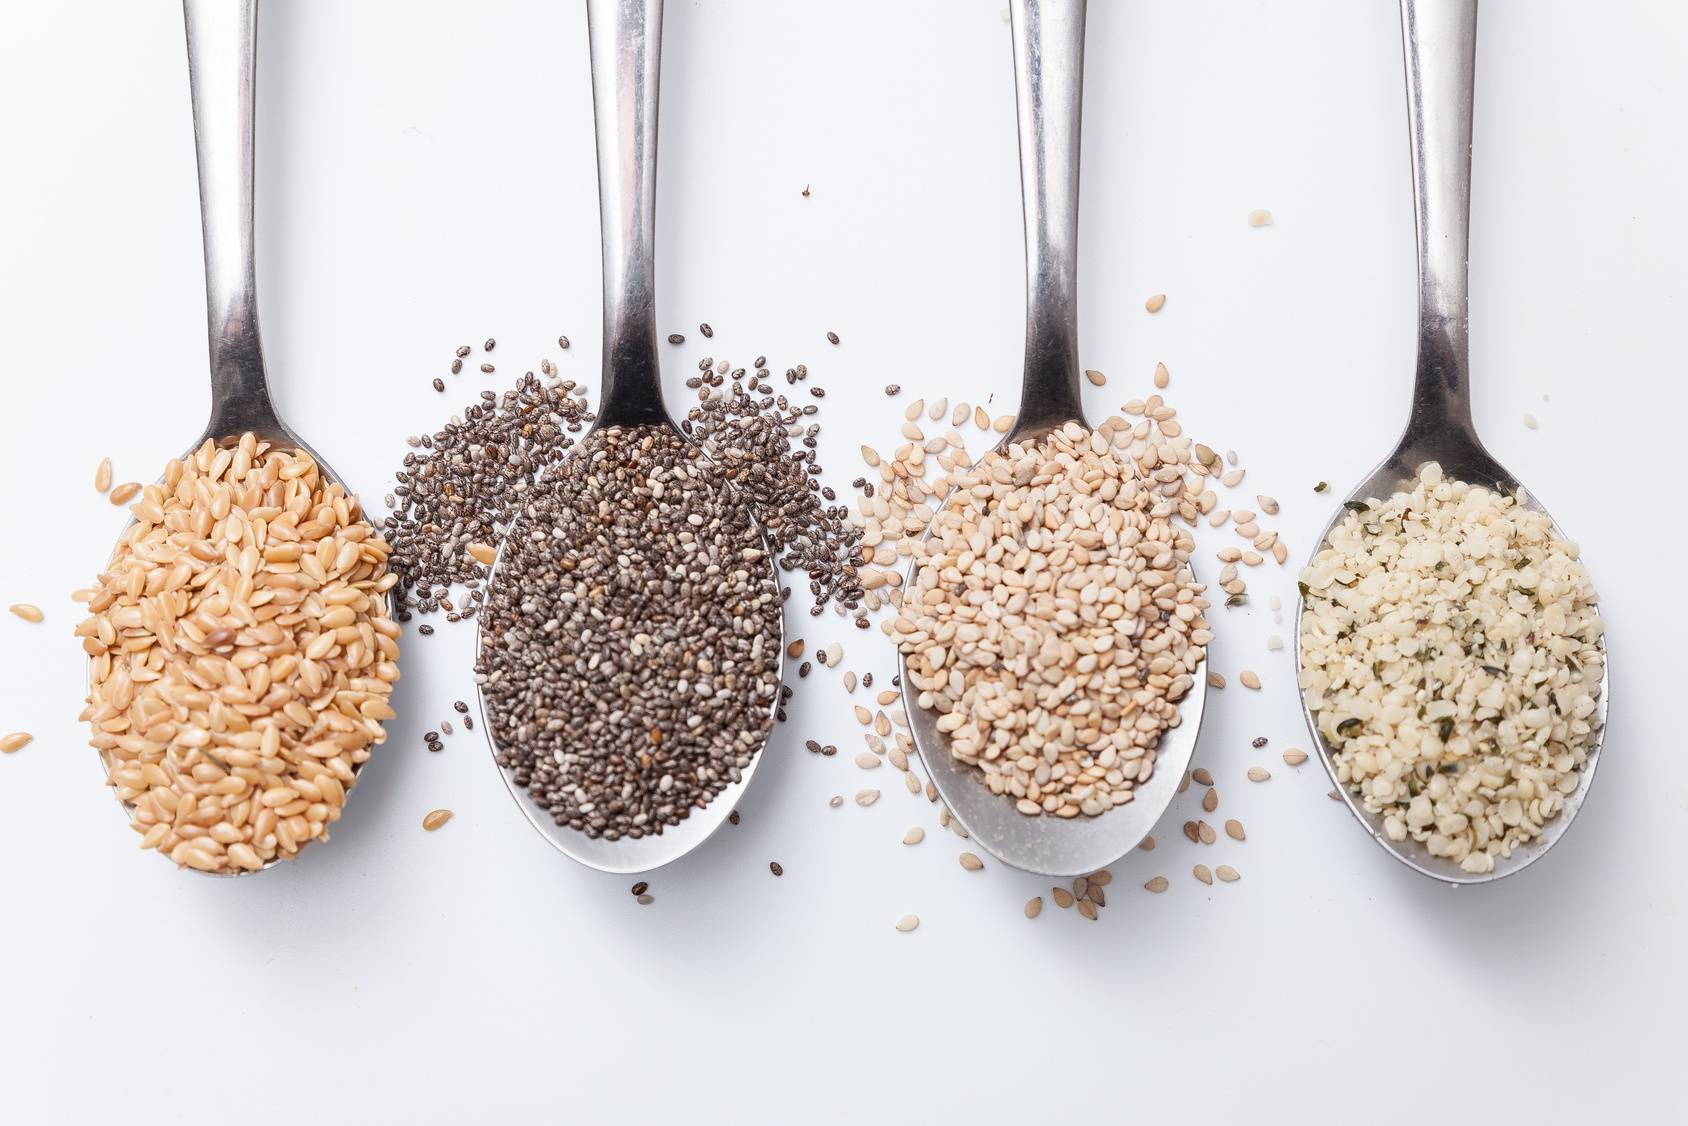 Zdrowe nasiona - chia, babki płesznik, siemię lniane.